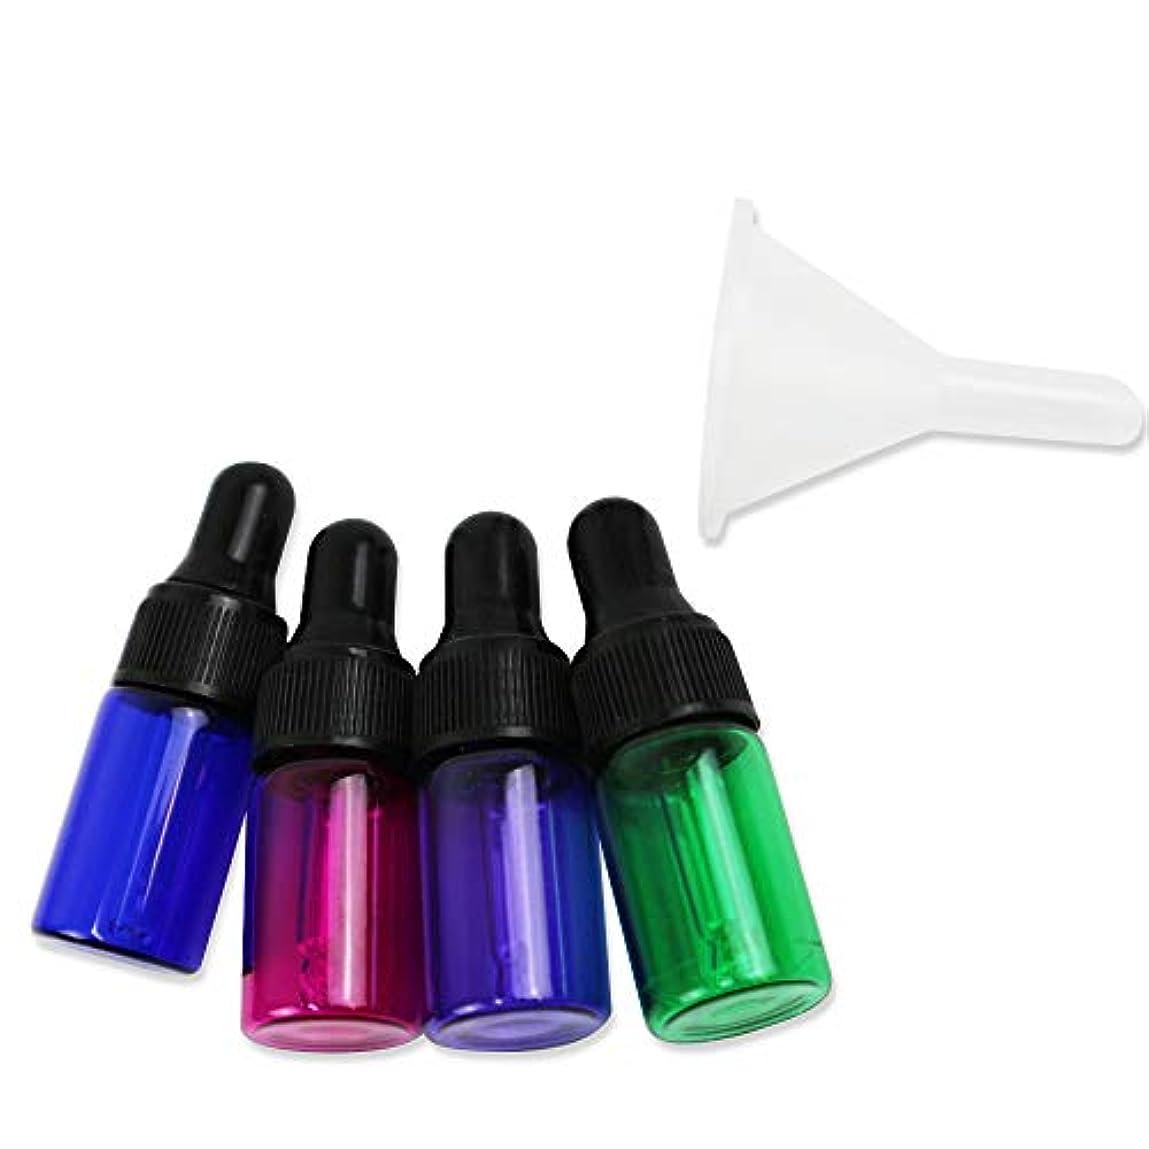 のぞき見雑多な啓示hiruiseki カラフル ミニ遮光瓶 3ml 4色セット ろうと付き アロマ 香水 詰め替え